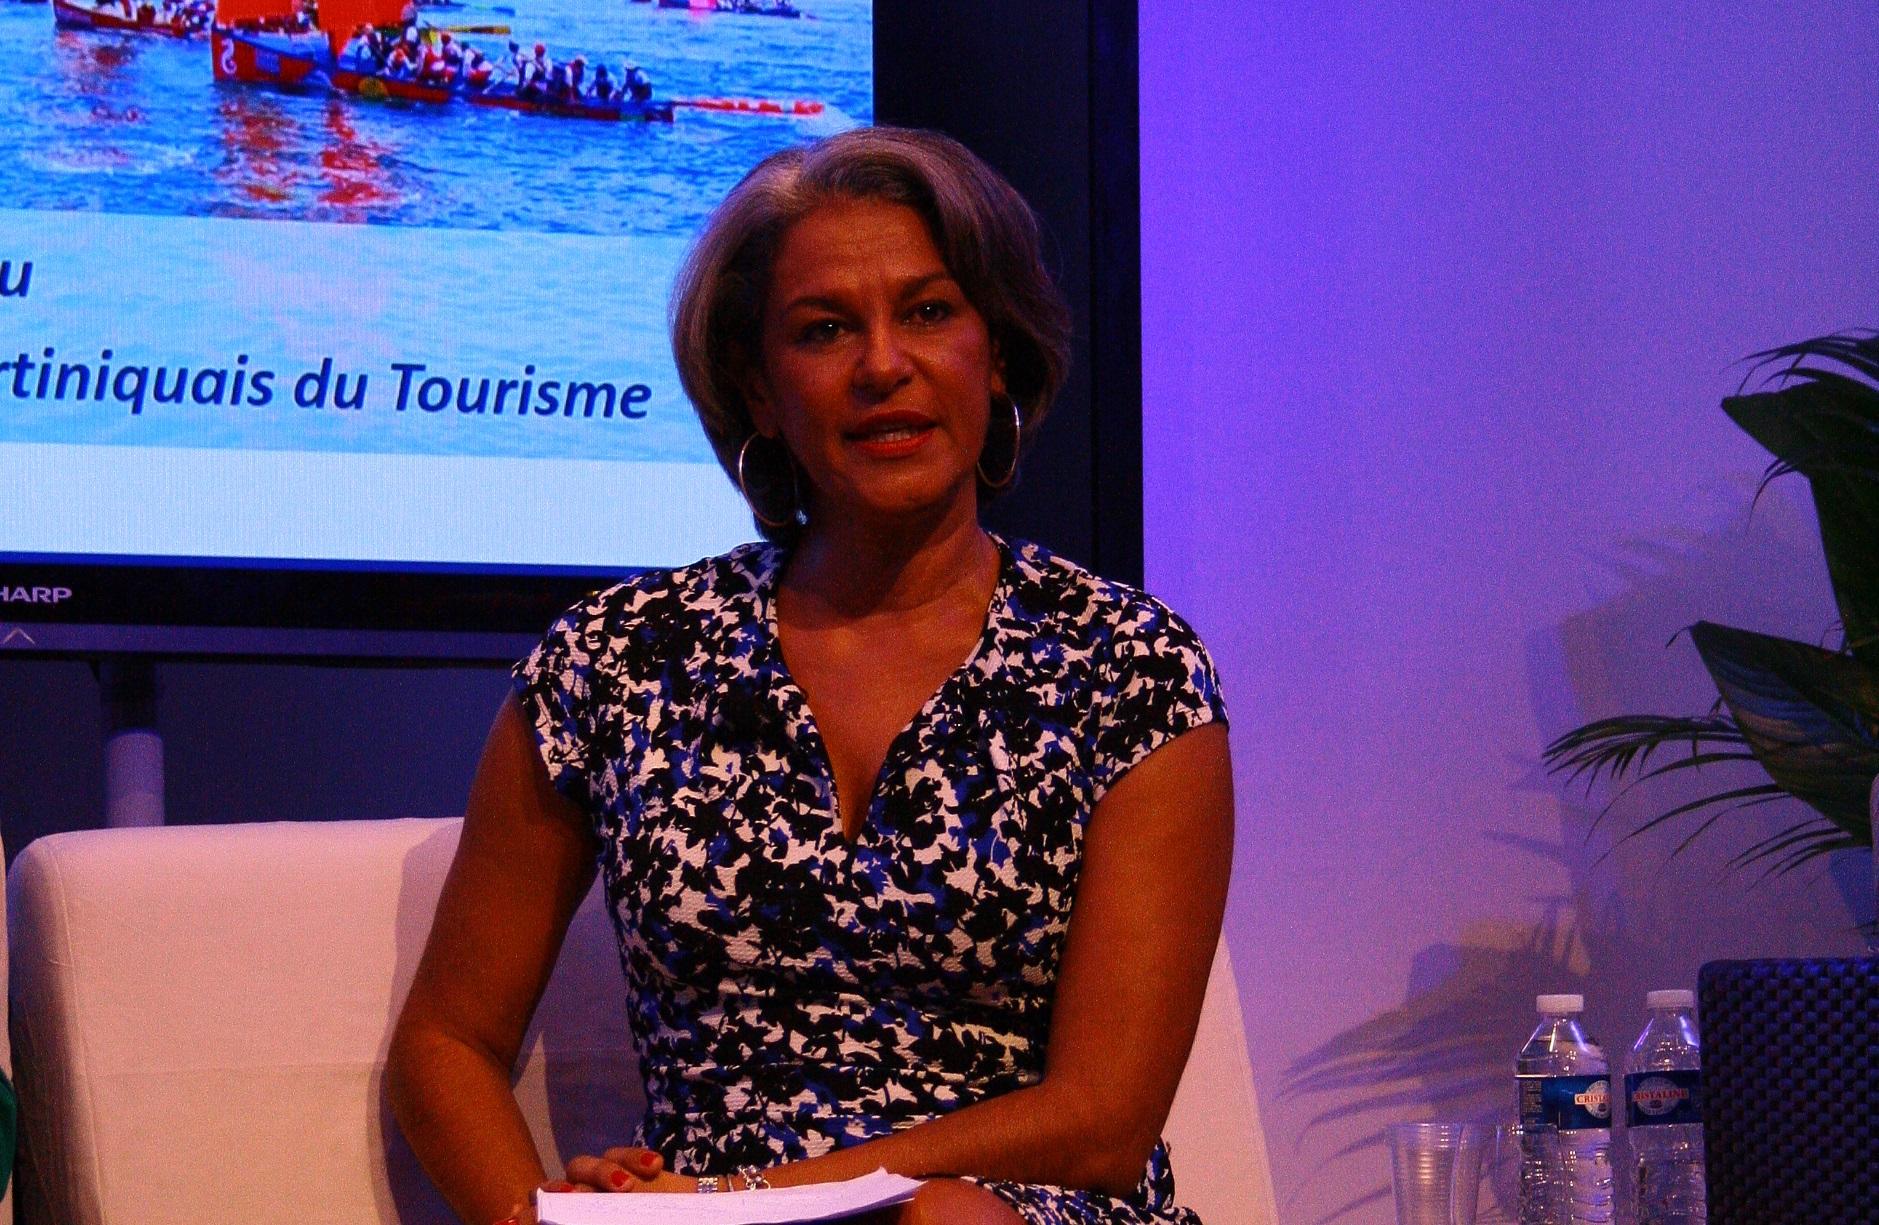 Karine Mousseau, présidente du Comité Martiniquais du Tourisme, a l'ambition de faire du tourisme un pourvoyeur d'emplois - DR : H.L.